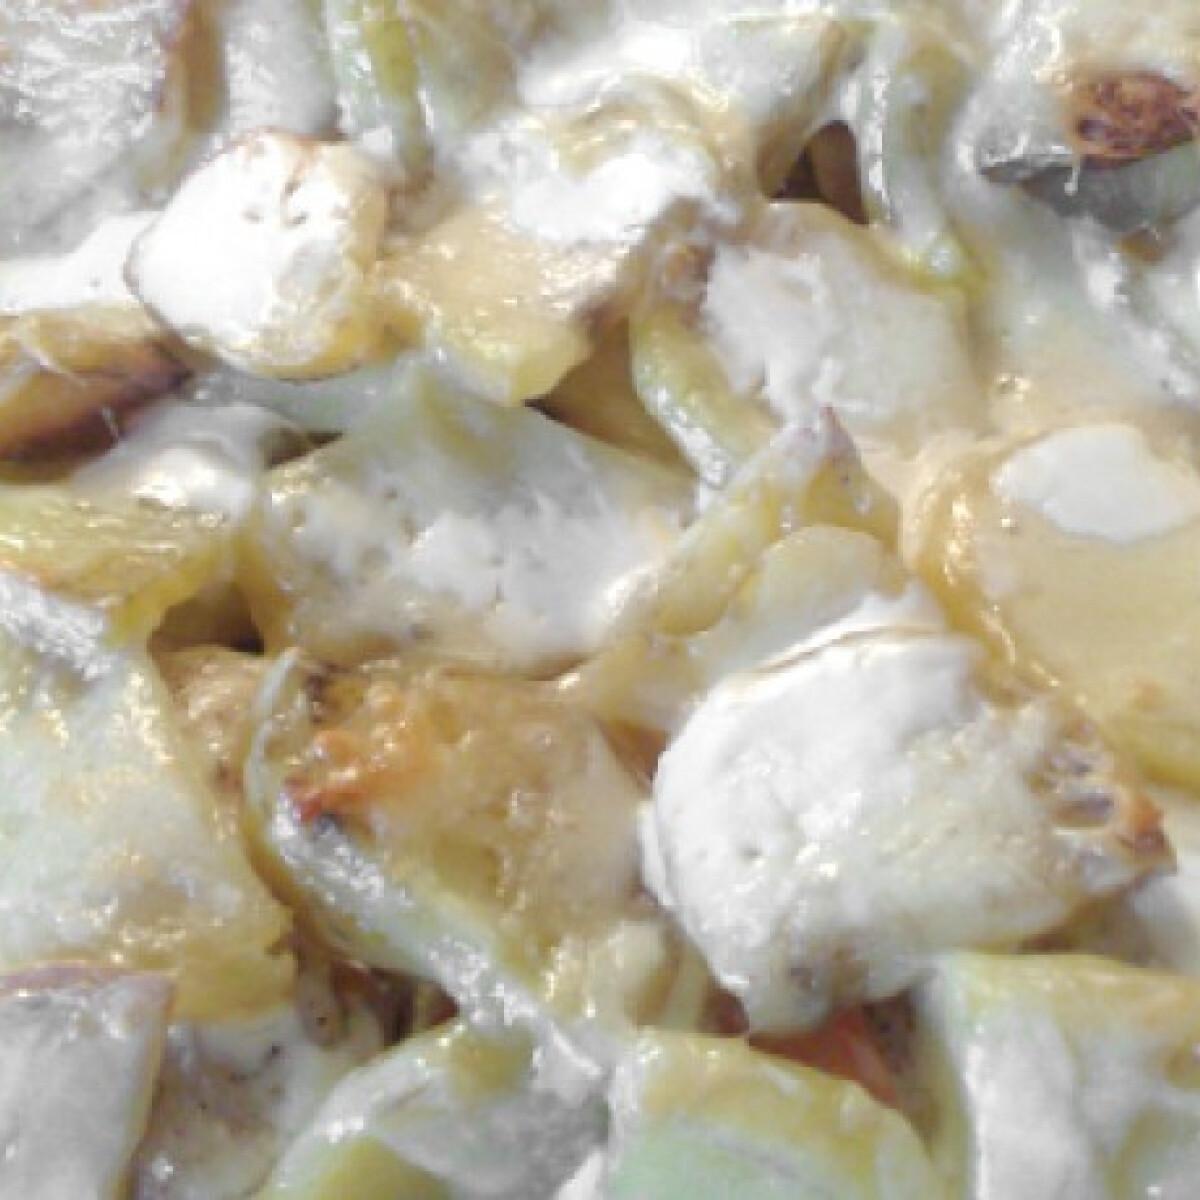 Ezen a képen: Belga rakott csirke Sz. Ági konyhájából